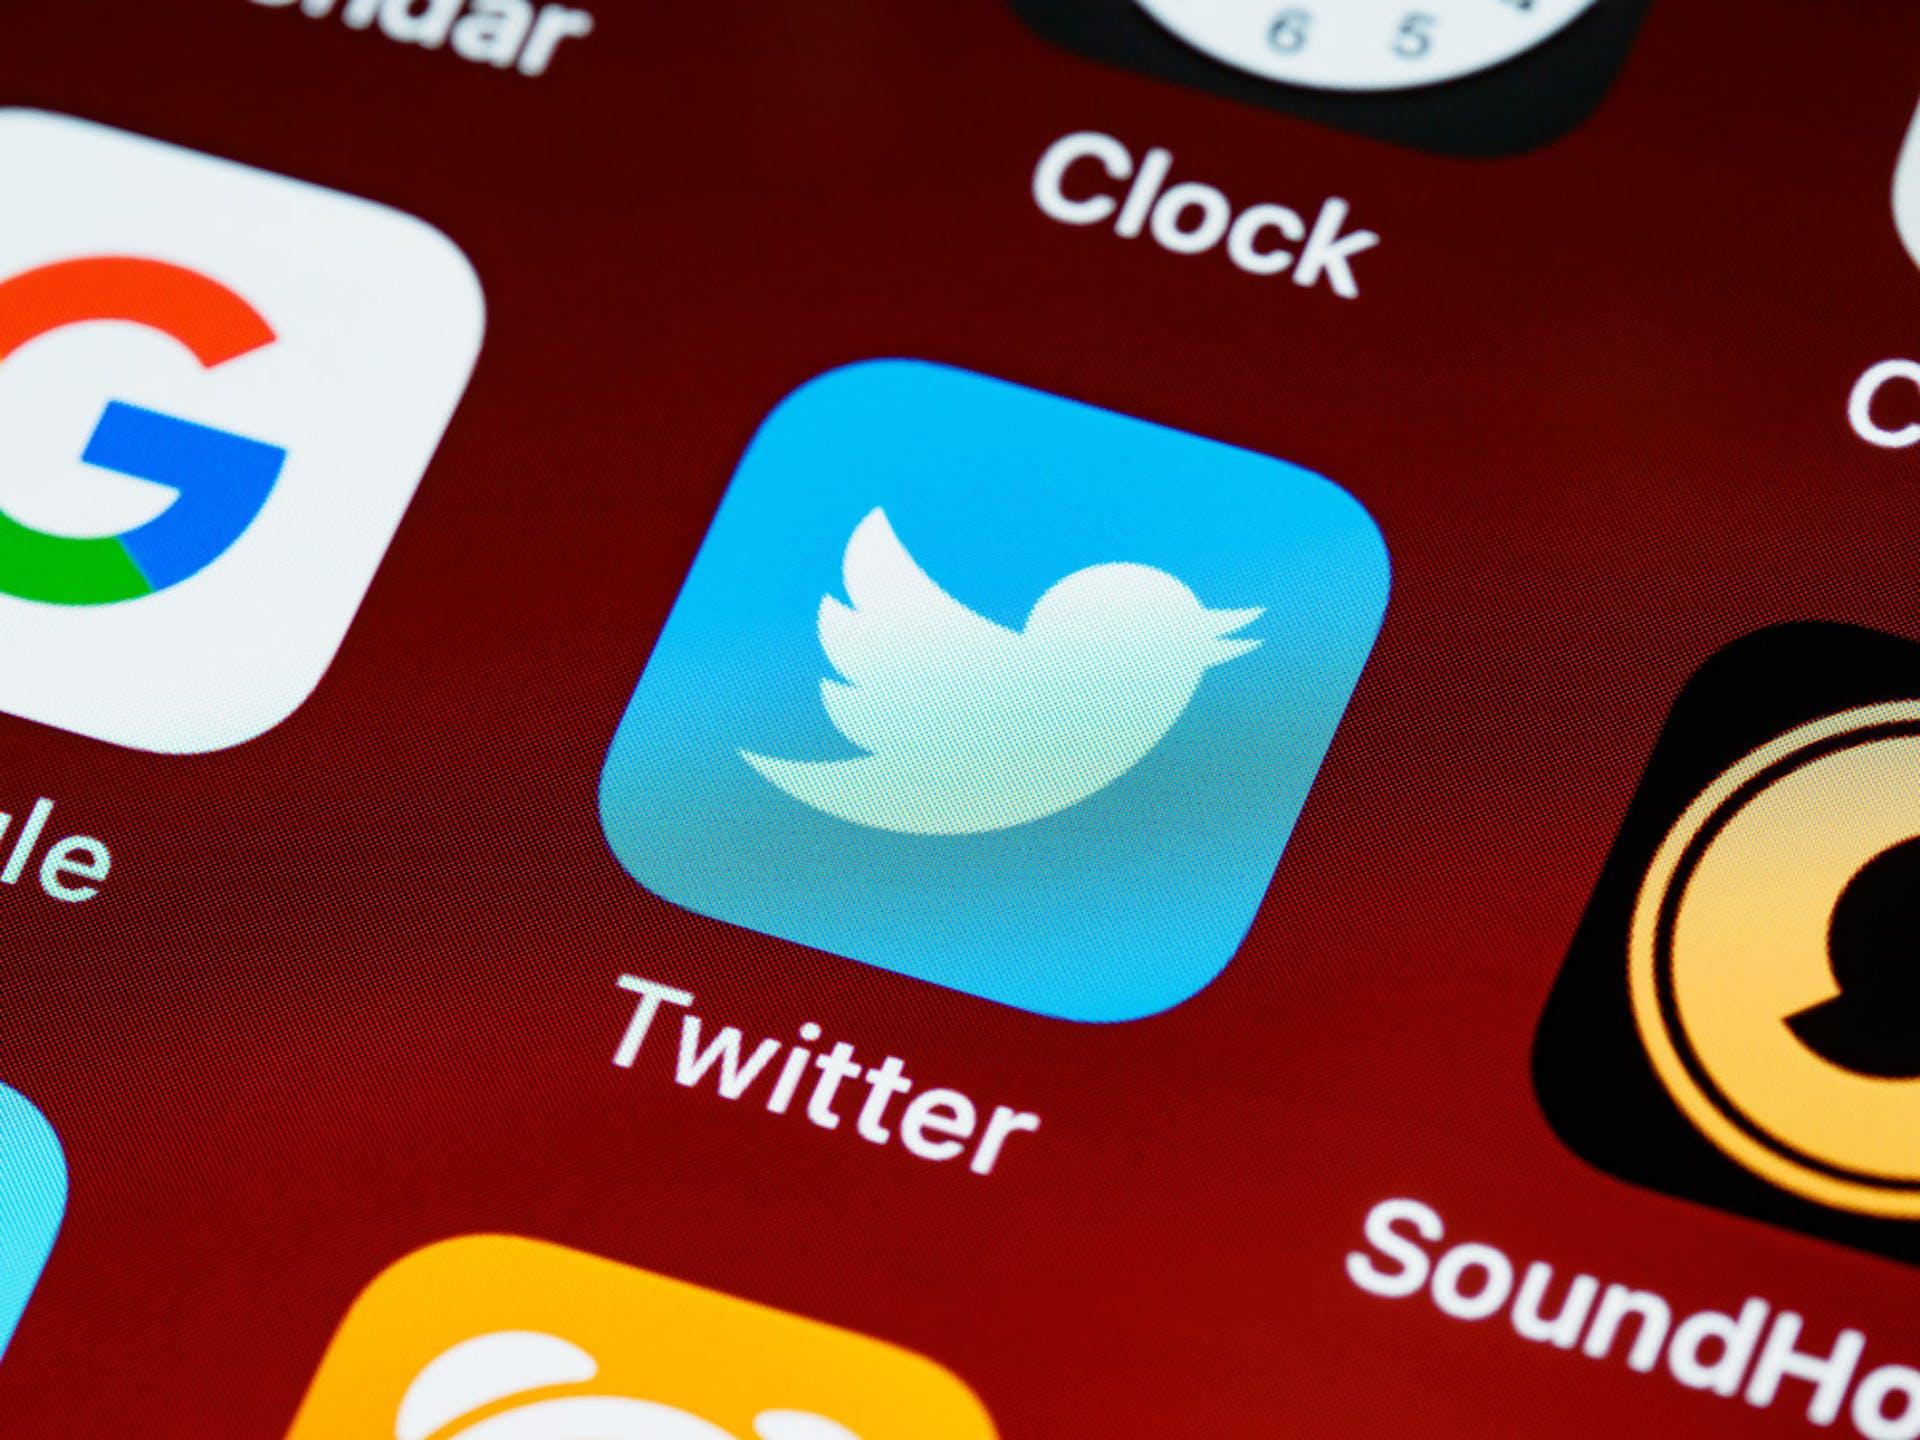 Cómo eliminar una cuenta de Twitter: fácil, sencillo y rápido [Guía 2021]